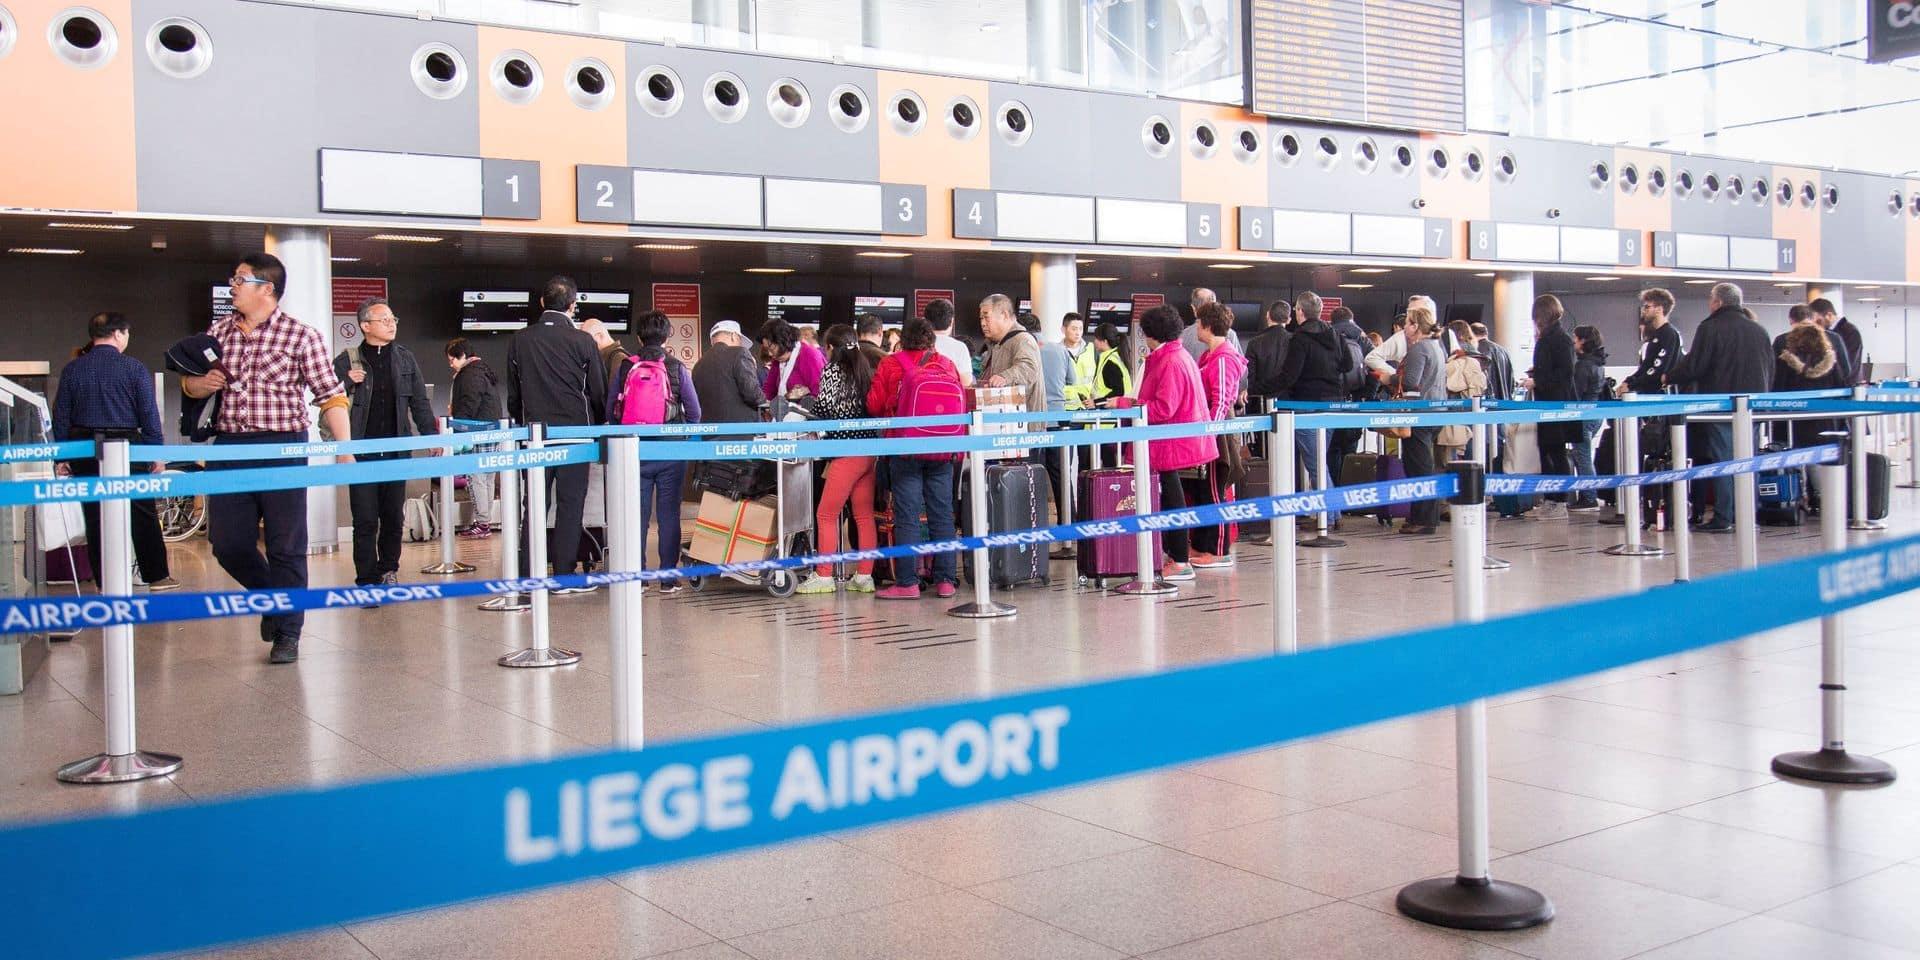 """Aéroport de Liège: les 33 hectares de la zone """"Fontaine"""" aménagés d'ici 2023"""